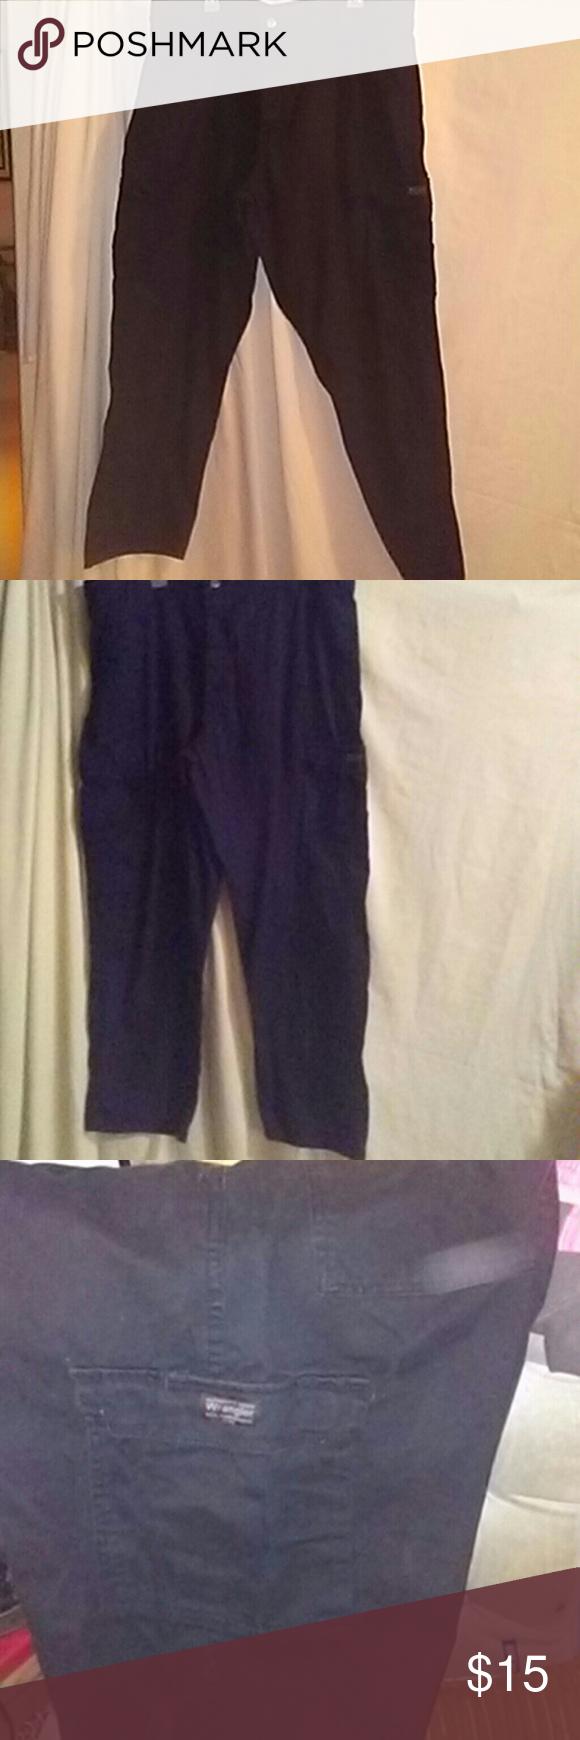 Men's Black Pants Black Cargo Pants size 40?32. Wrangler Wrangler Jeans Relaxed